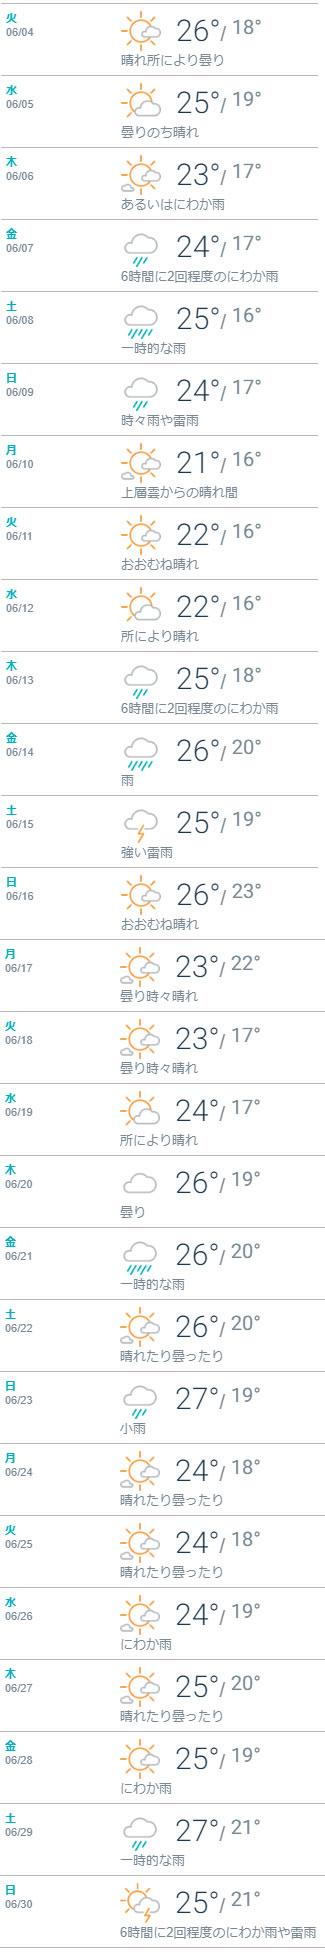 2019年6月新潟天気予報